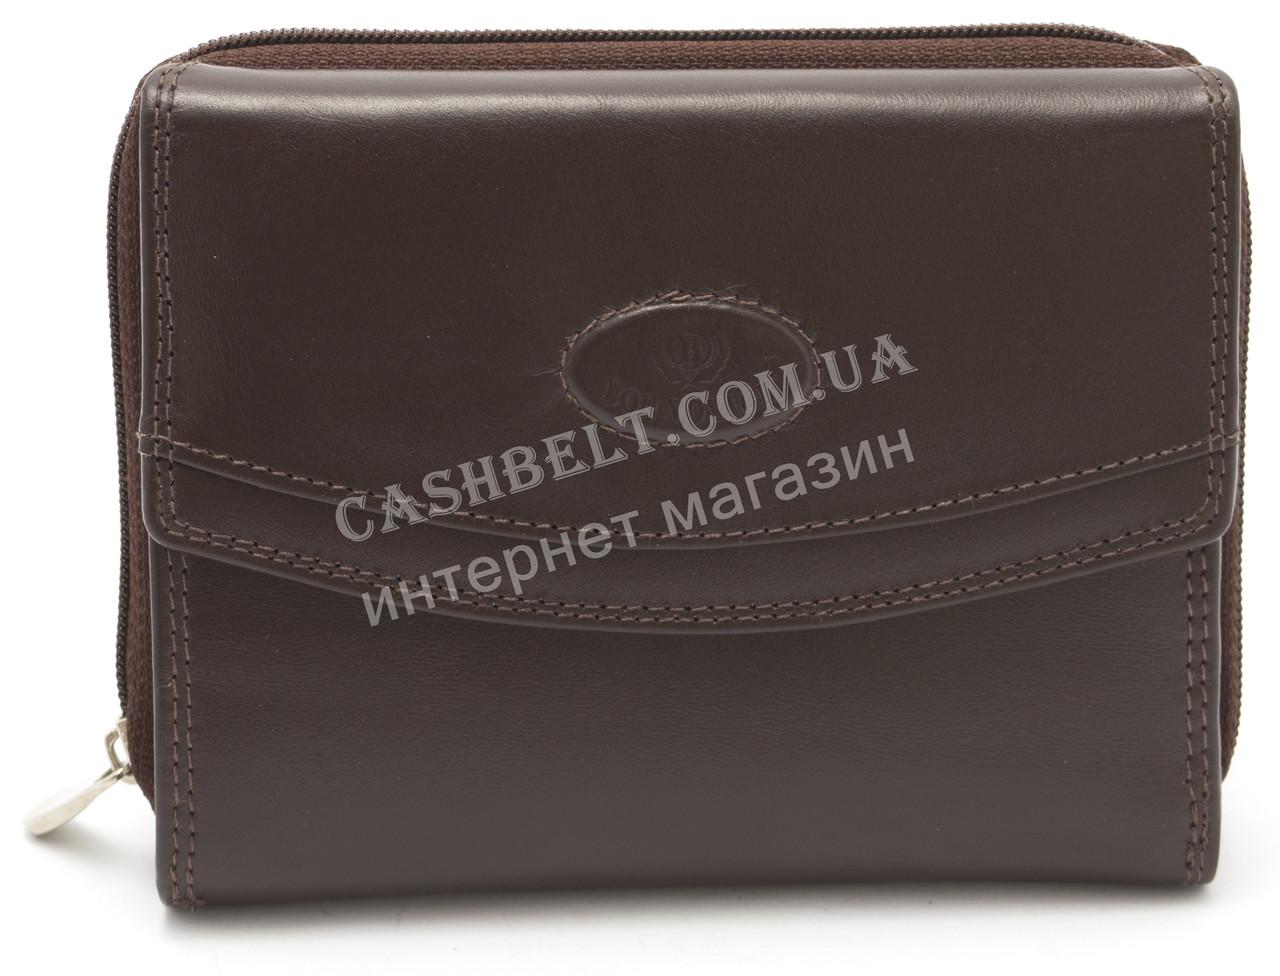 Супер стильний практичний шкіряний чоловічий гаманець Bon-Voyage art. ASL55670 коричневого кольору